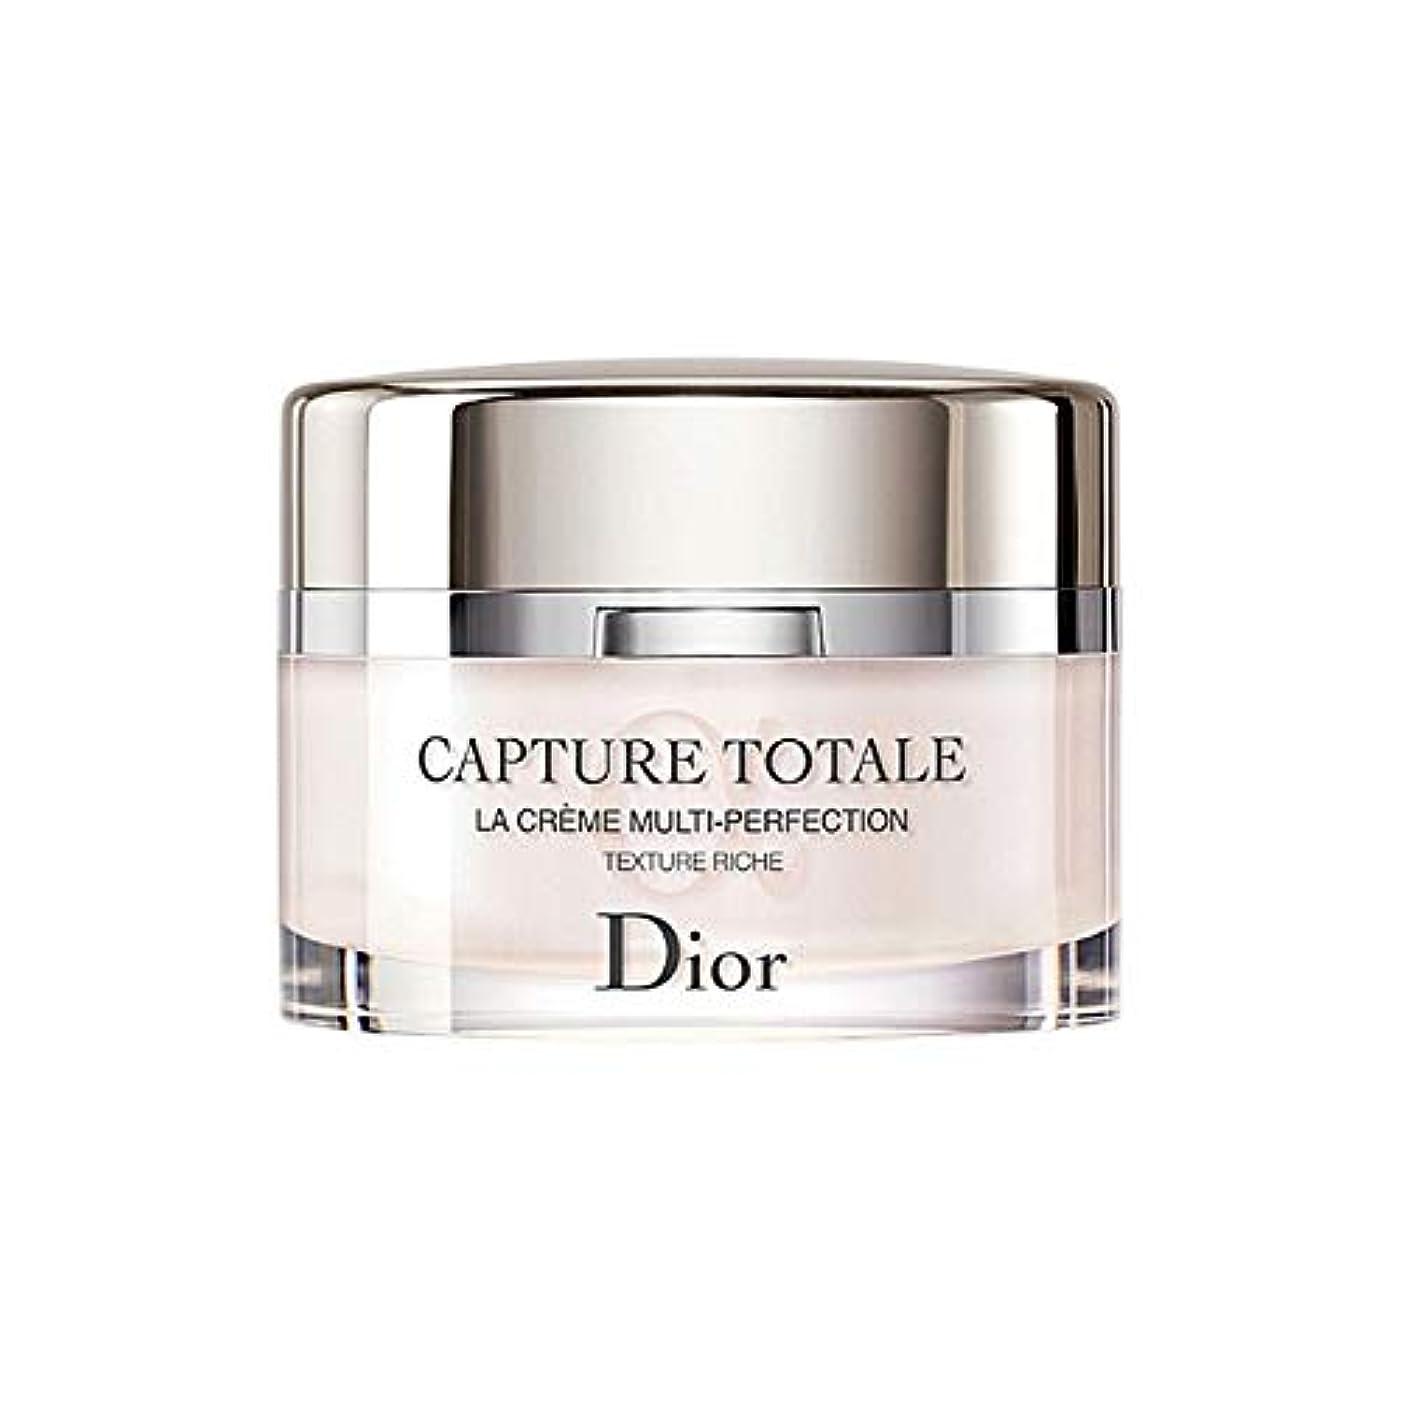 釈義修正市の花[Dior] ディオールマルチパーフェクションクリーム豊富なテクスチャー60ミリリットル - Dior Multi-Perfection Creme Rich Texture 60ml [並行輸入品]